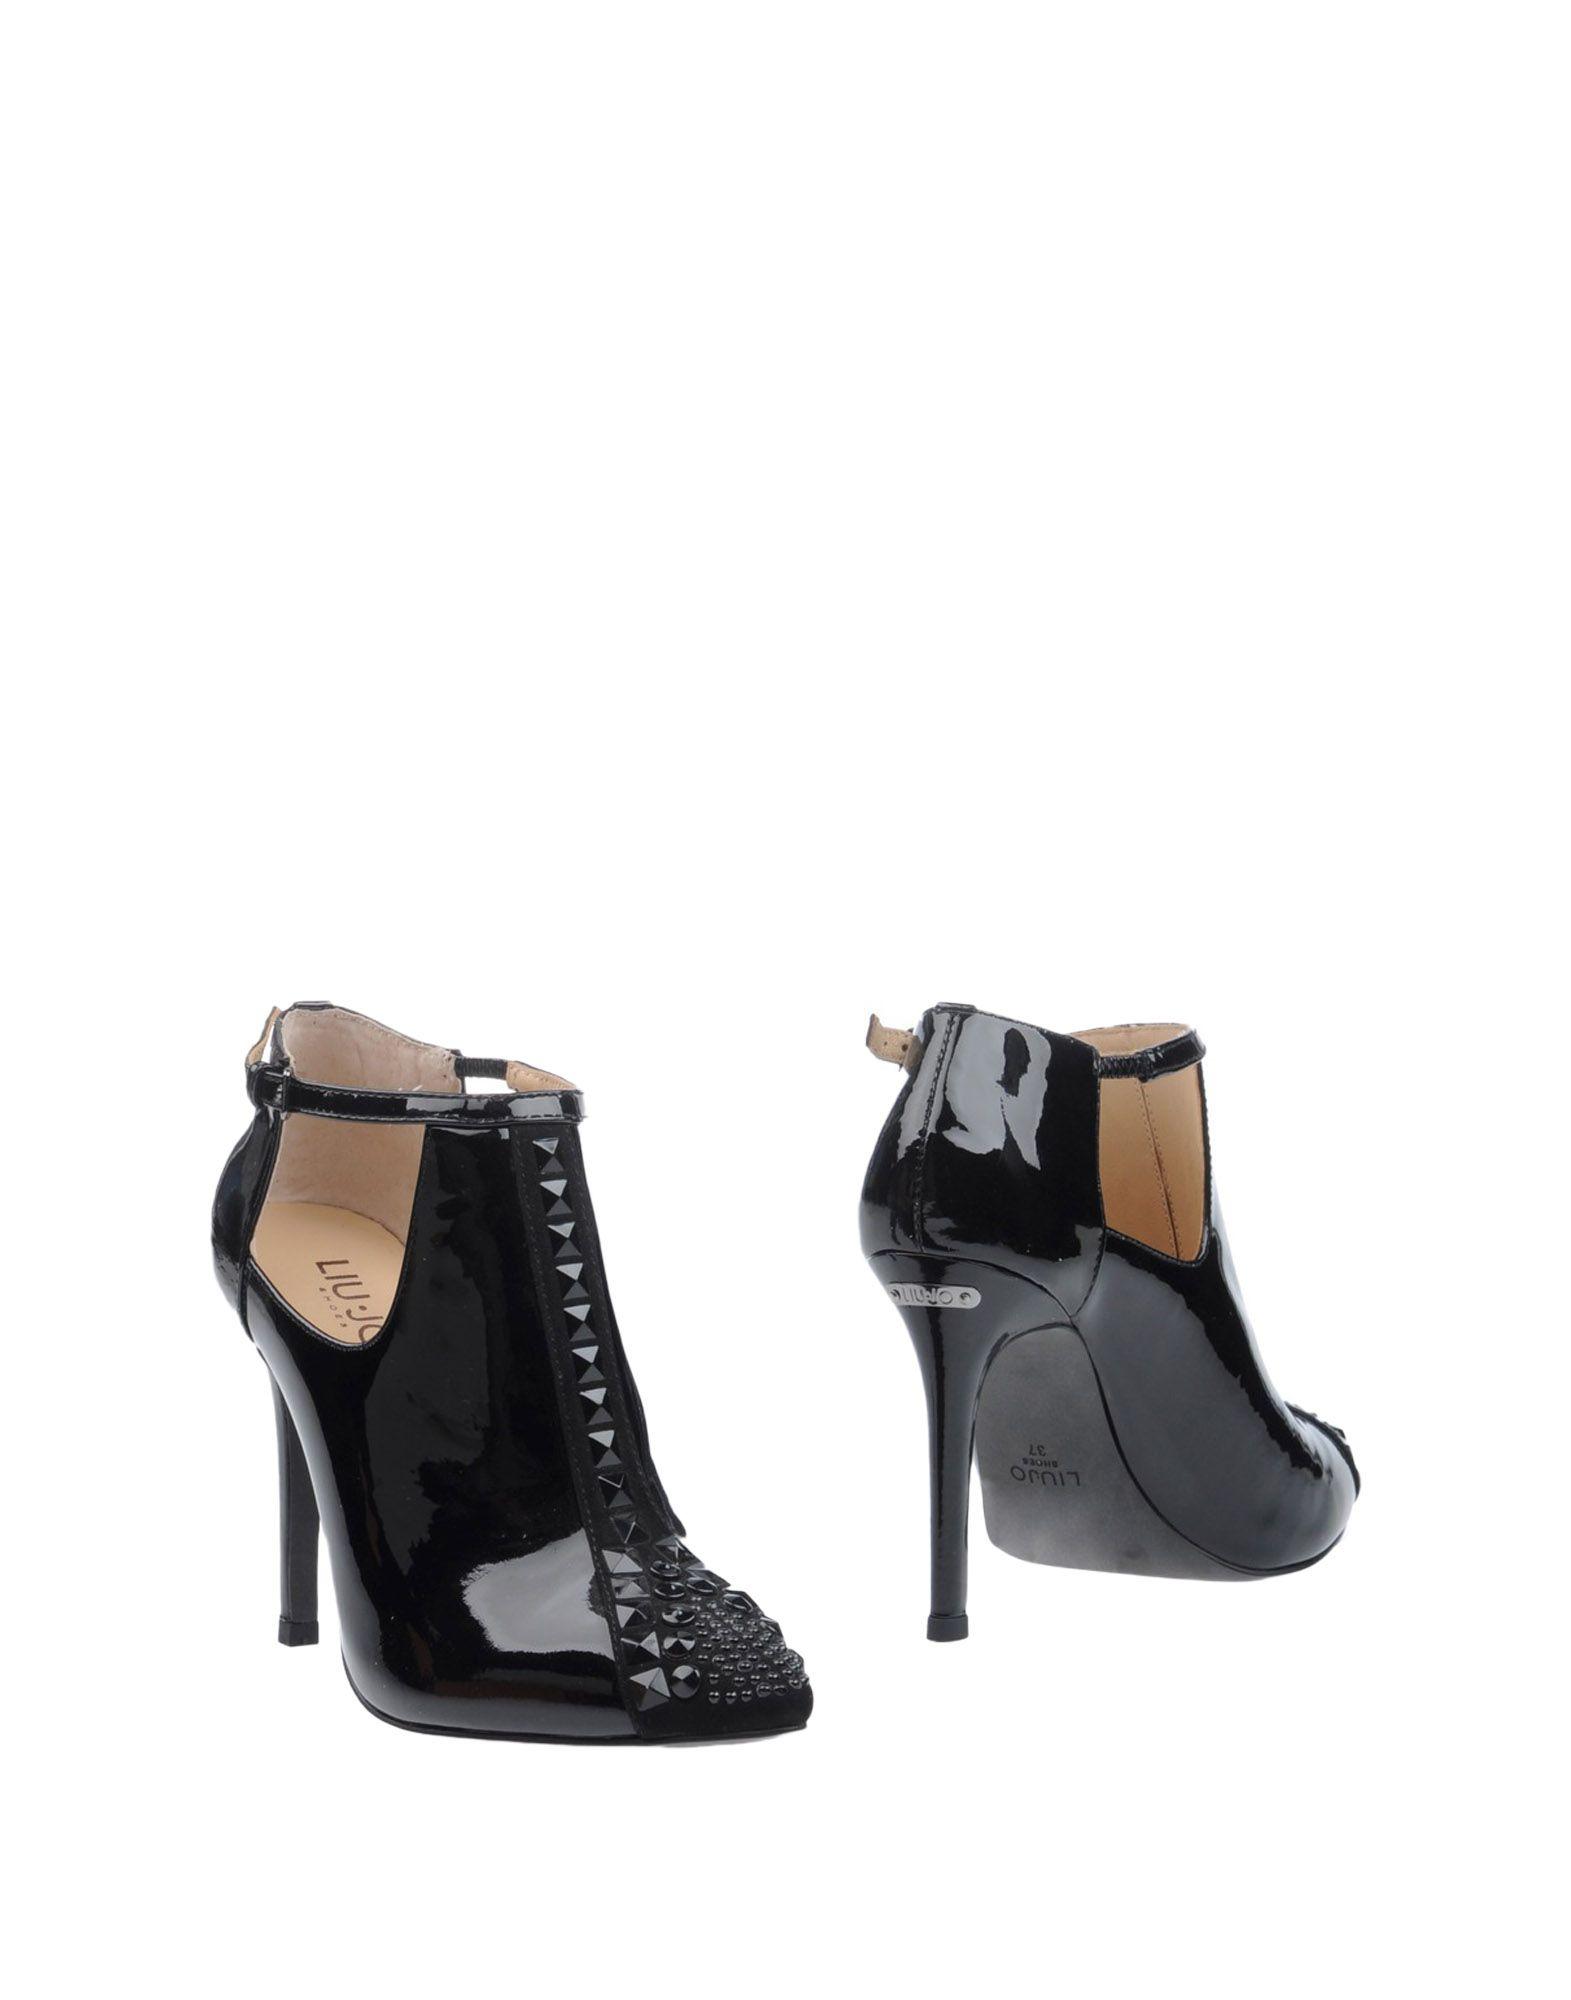 Liu •Jo Shoes Stiefelette Damen  11247894EQ Neue Schuhe Schuhe Schuhe 625725